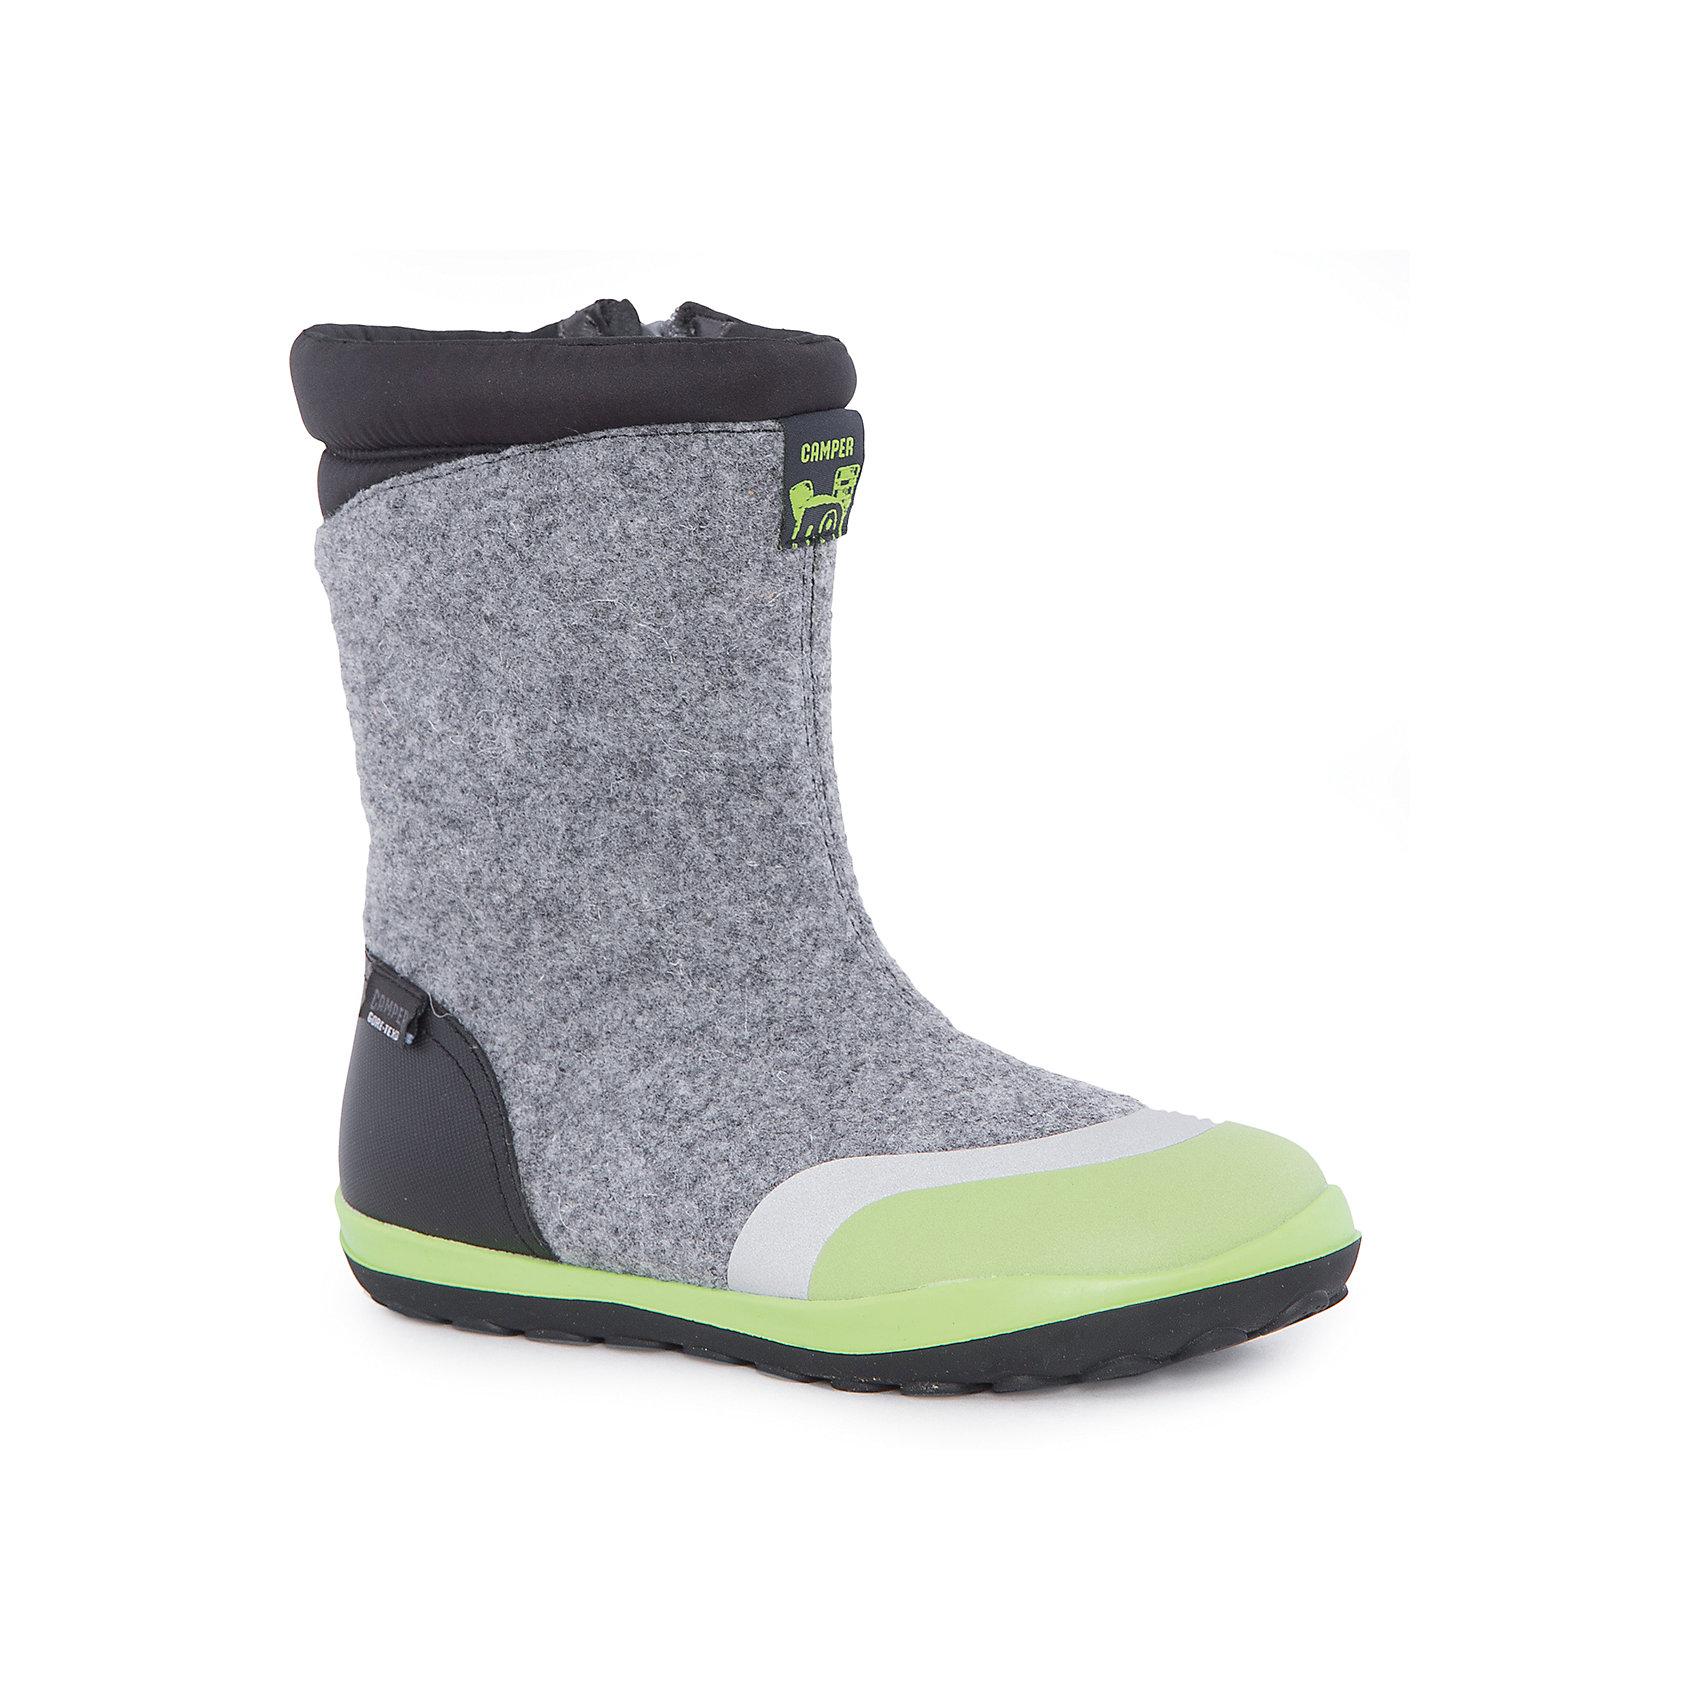 Валенки  CamperВаленки<br>Характеристики:<br><br>• Предназначение: повседневная обувь<br>• Сезон: зима<br>• Пол: универсальный<br>• Цвет: серый, черный, салатовый<br>• Материал верха и стельки: кожа, войлок<br>• Материал подошвы: резина<br>• Тип каблука и подошвы: плоская<br>• Тип застежки: молния боковая<br>• Уход: удаление загрязнений мягкой тканью или щеткой для обуви<br><br>Сапоги Camper изготовлены испанским торговым брендом, специализирующимся на производстве обуви премиум-класса. Детская обувь Camper учитывает анатомические особенности детской растущей ноги, поэтому при ее изготовливлениииспользуются материалы самого высокого качества. Сапоги выполнены из сочетания кожи и войлока, все элементы верха прошиты. Эта модель обуви выполнена с повышенным внутренним утеплением. Сапоги классического стиля представлены в ярком дизайне. Обувь отличается высокой прочностью, износостойкостью, но при этом легким весом и гибкостью. <br><br>Сапоги Camper можно купить в нашем интернет-магазине.<br><br>Ширина мм: 257<br>Глубина мм: 180<br>Высота мм: 130<br>Вес г: 420<br>Цвет: белый<br>Возраст от месяцев: 108<br>Возраст до месяцев: 120<br>Пол: Унисекс<br>Возраст: Детский<br>Размер: 33,31,35,37,34,36,38,32<br>SKU: 4974973